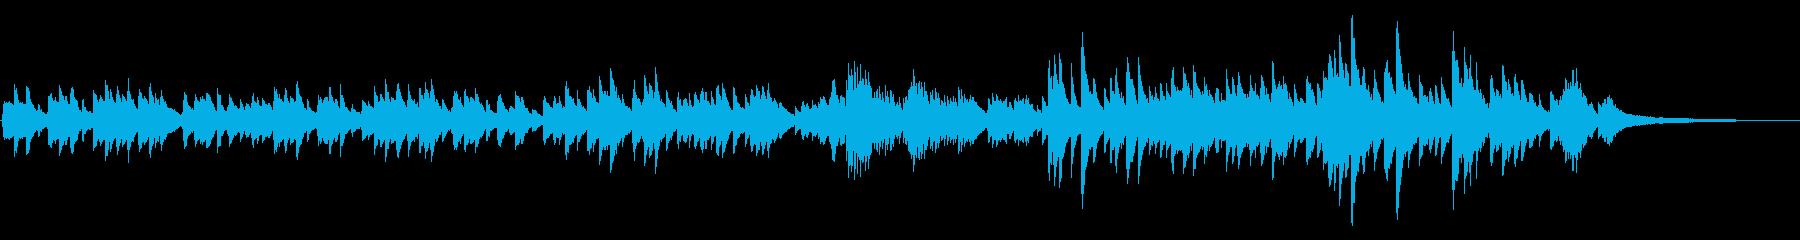 アンビエントな「さくらさくら」ピアノソロの再生済みの波形